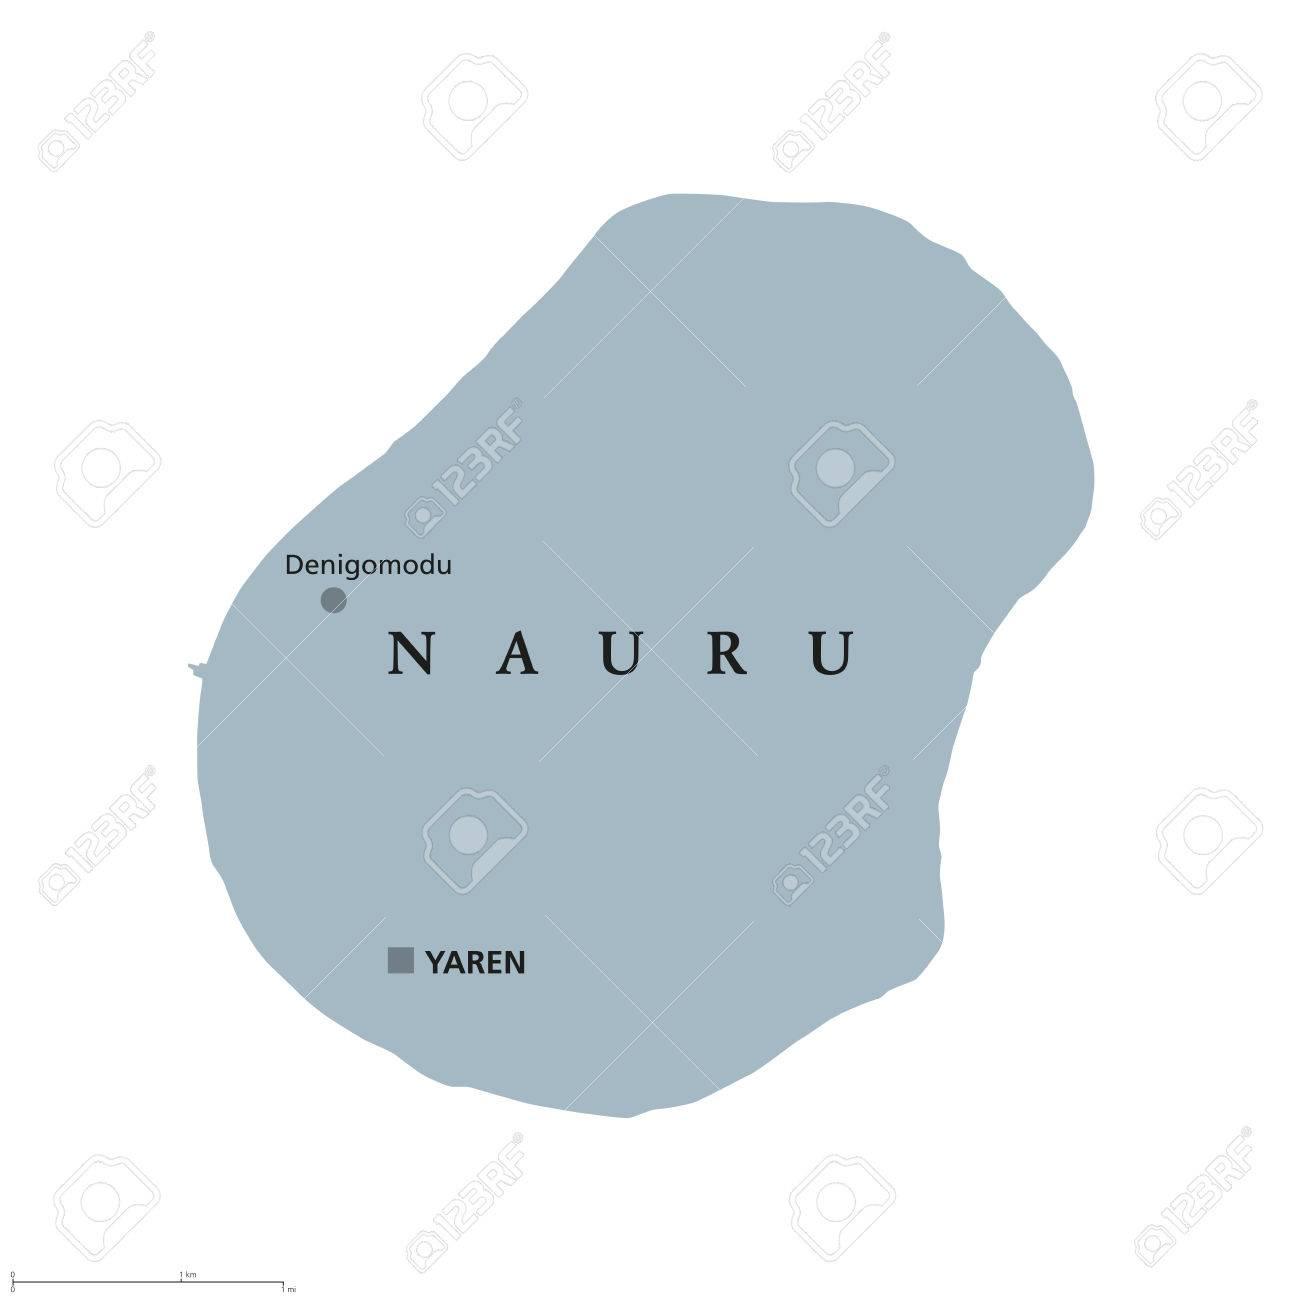 Nauru Politische Karte Mit Hauptstadt Yaren Fruher Angenehme